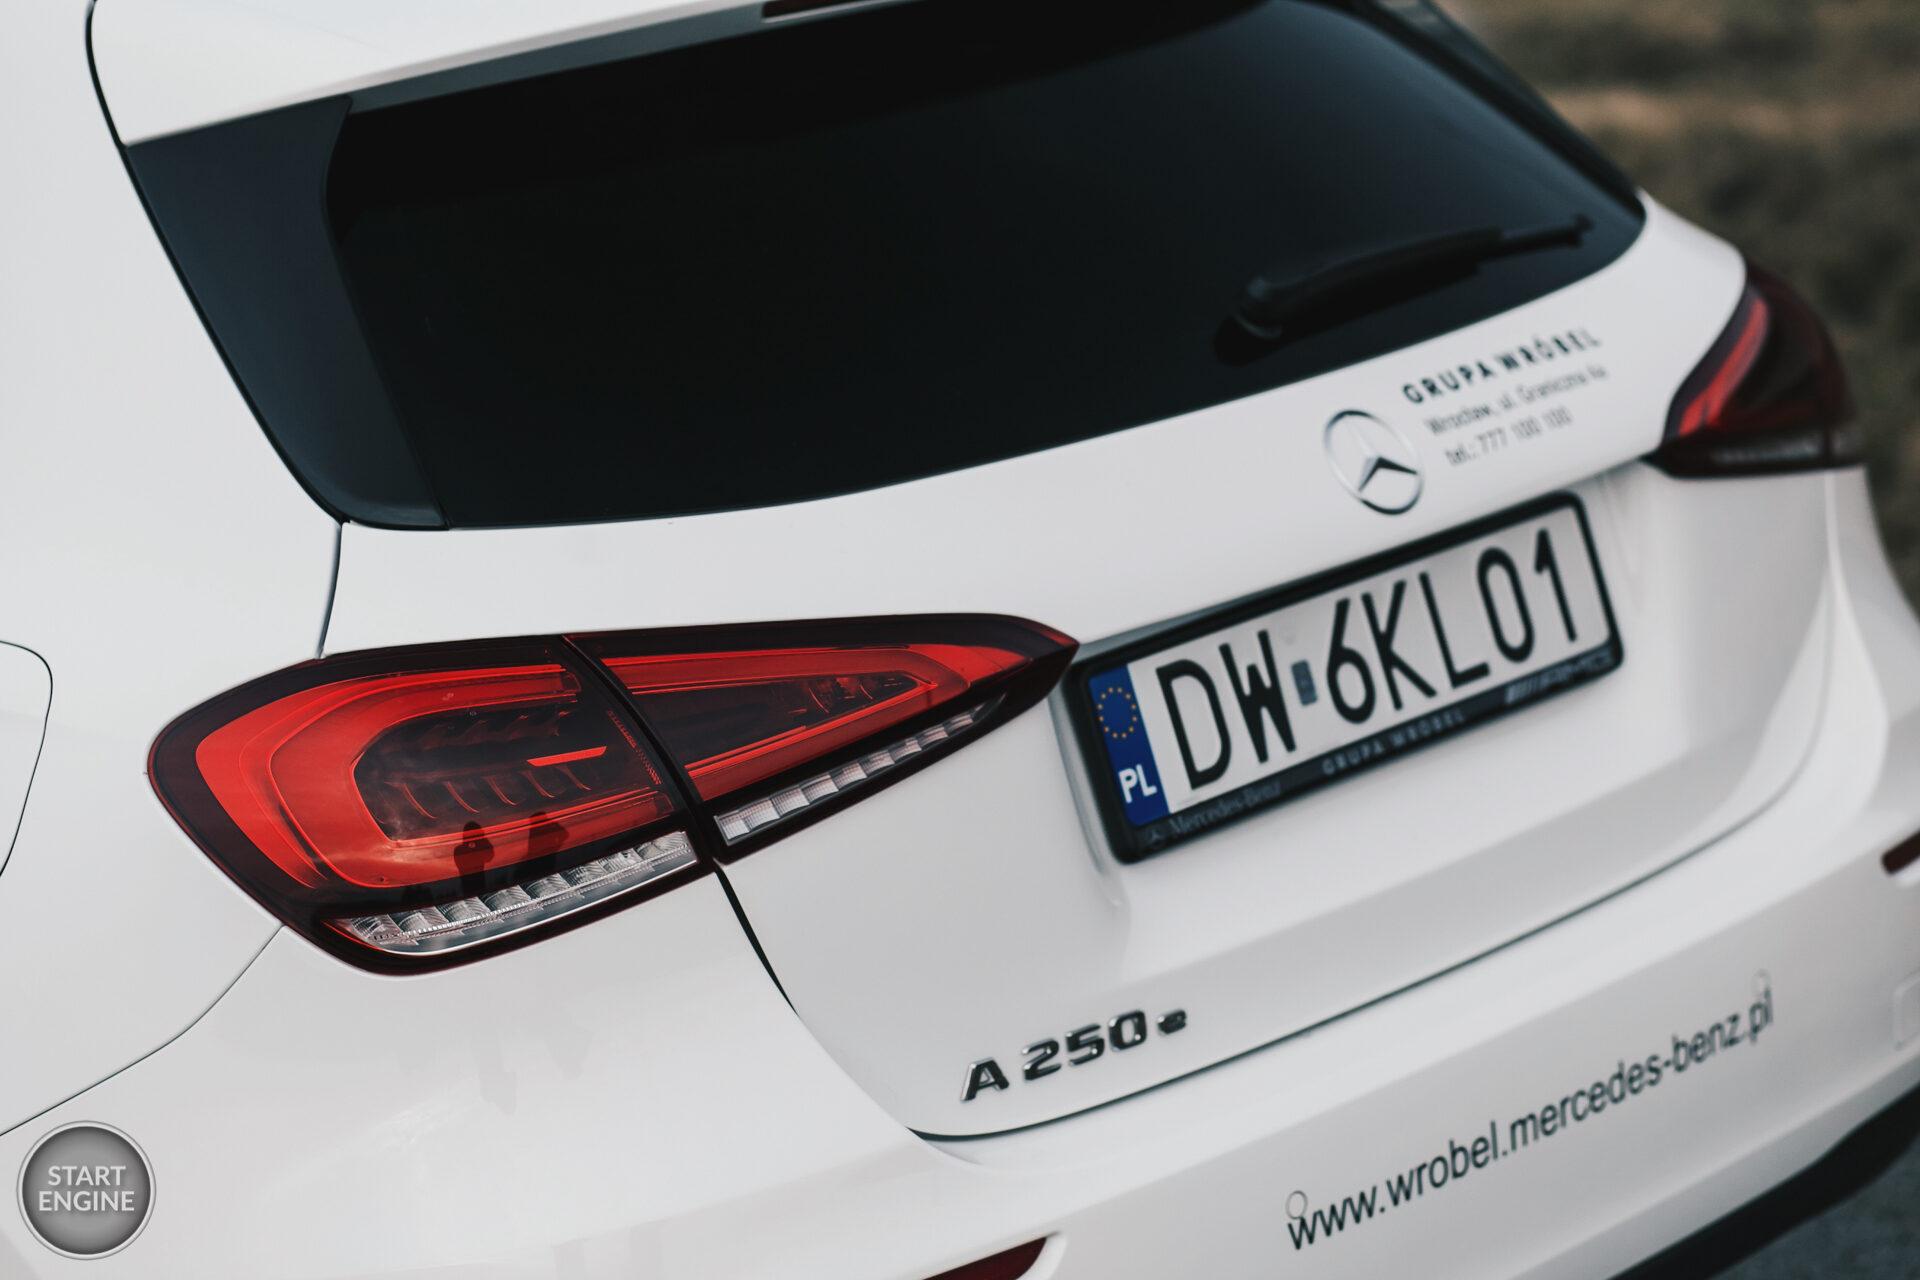 Mercedes-Benz A 250 e